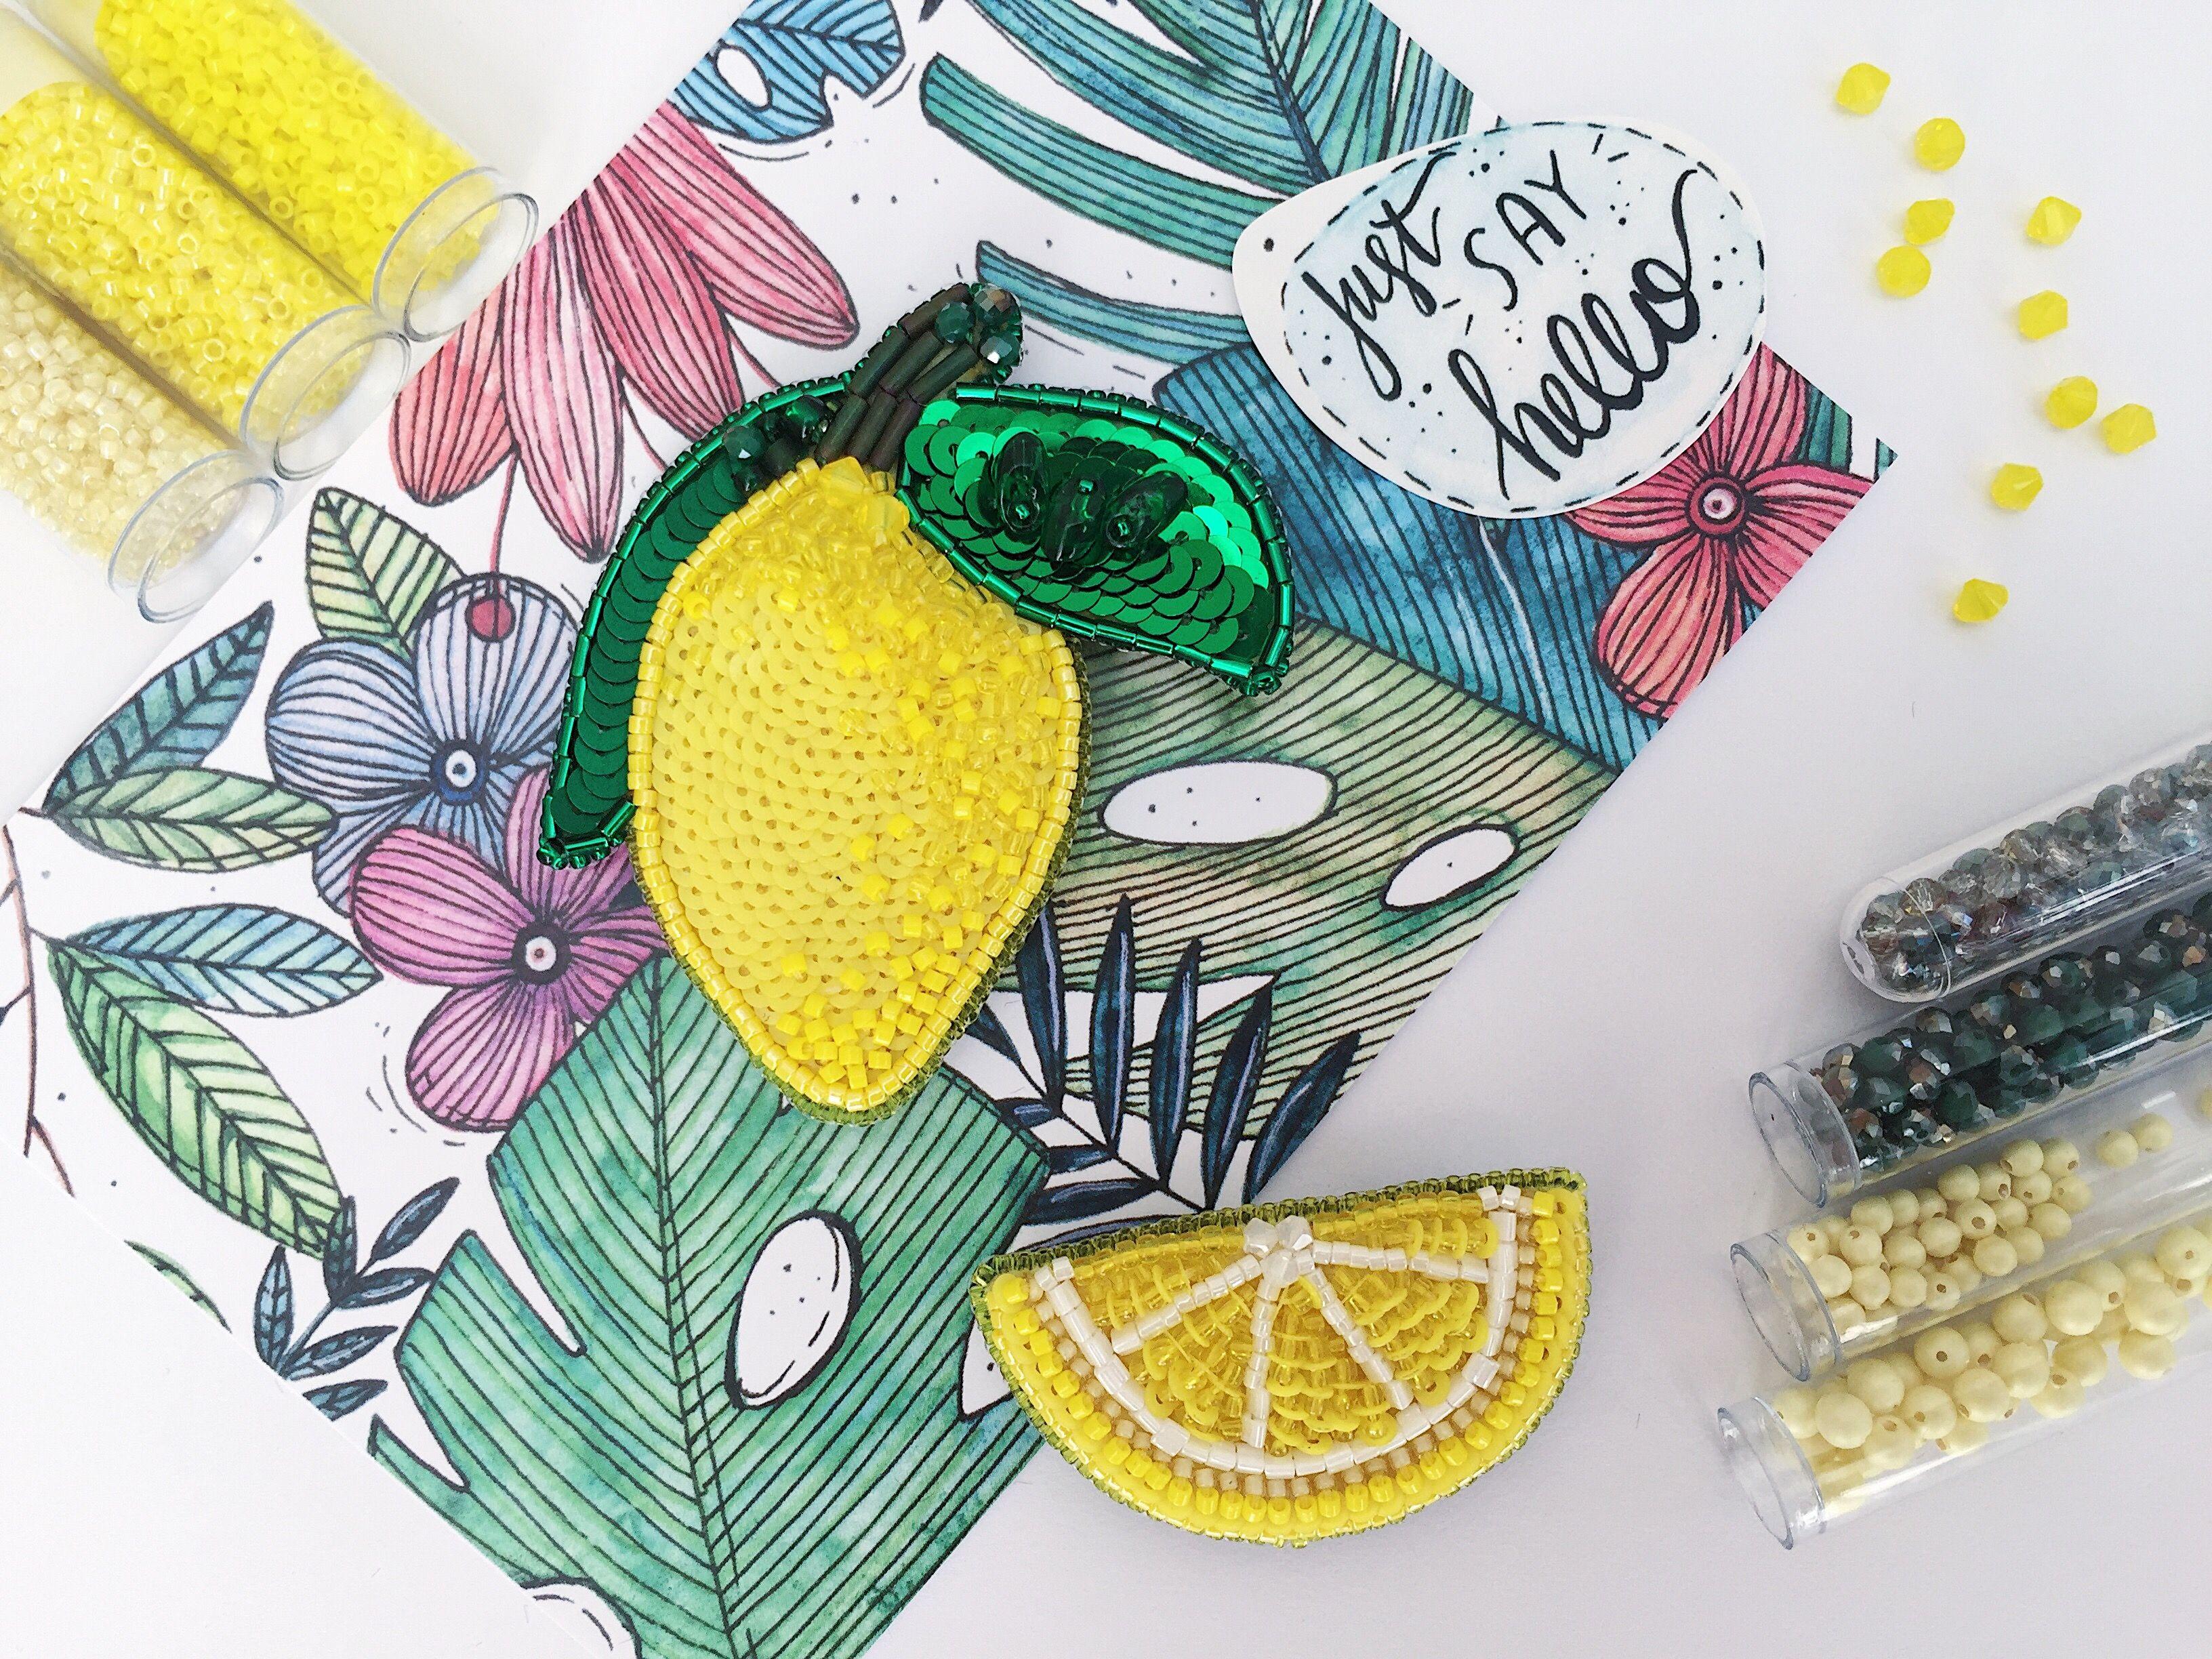 Брошь лимон из бисера Embroidered bead brooch  lemon. Bead jewelry